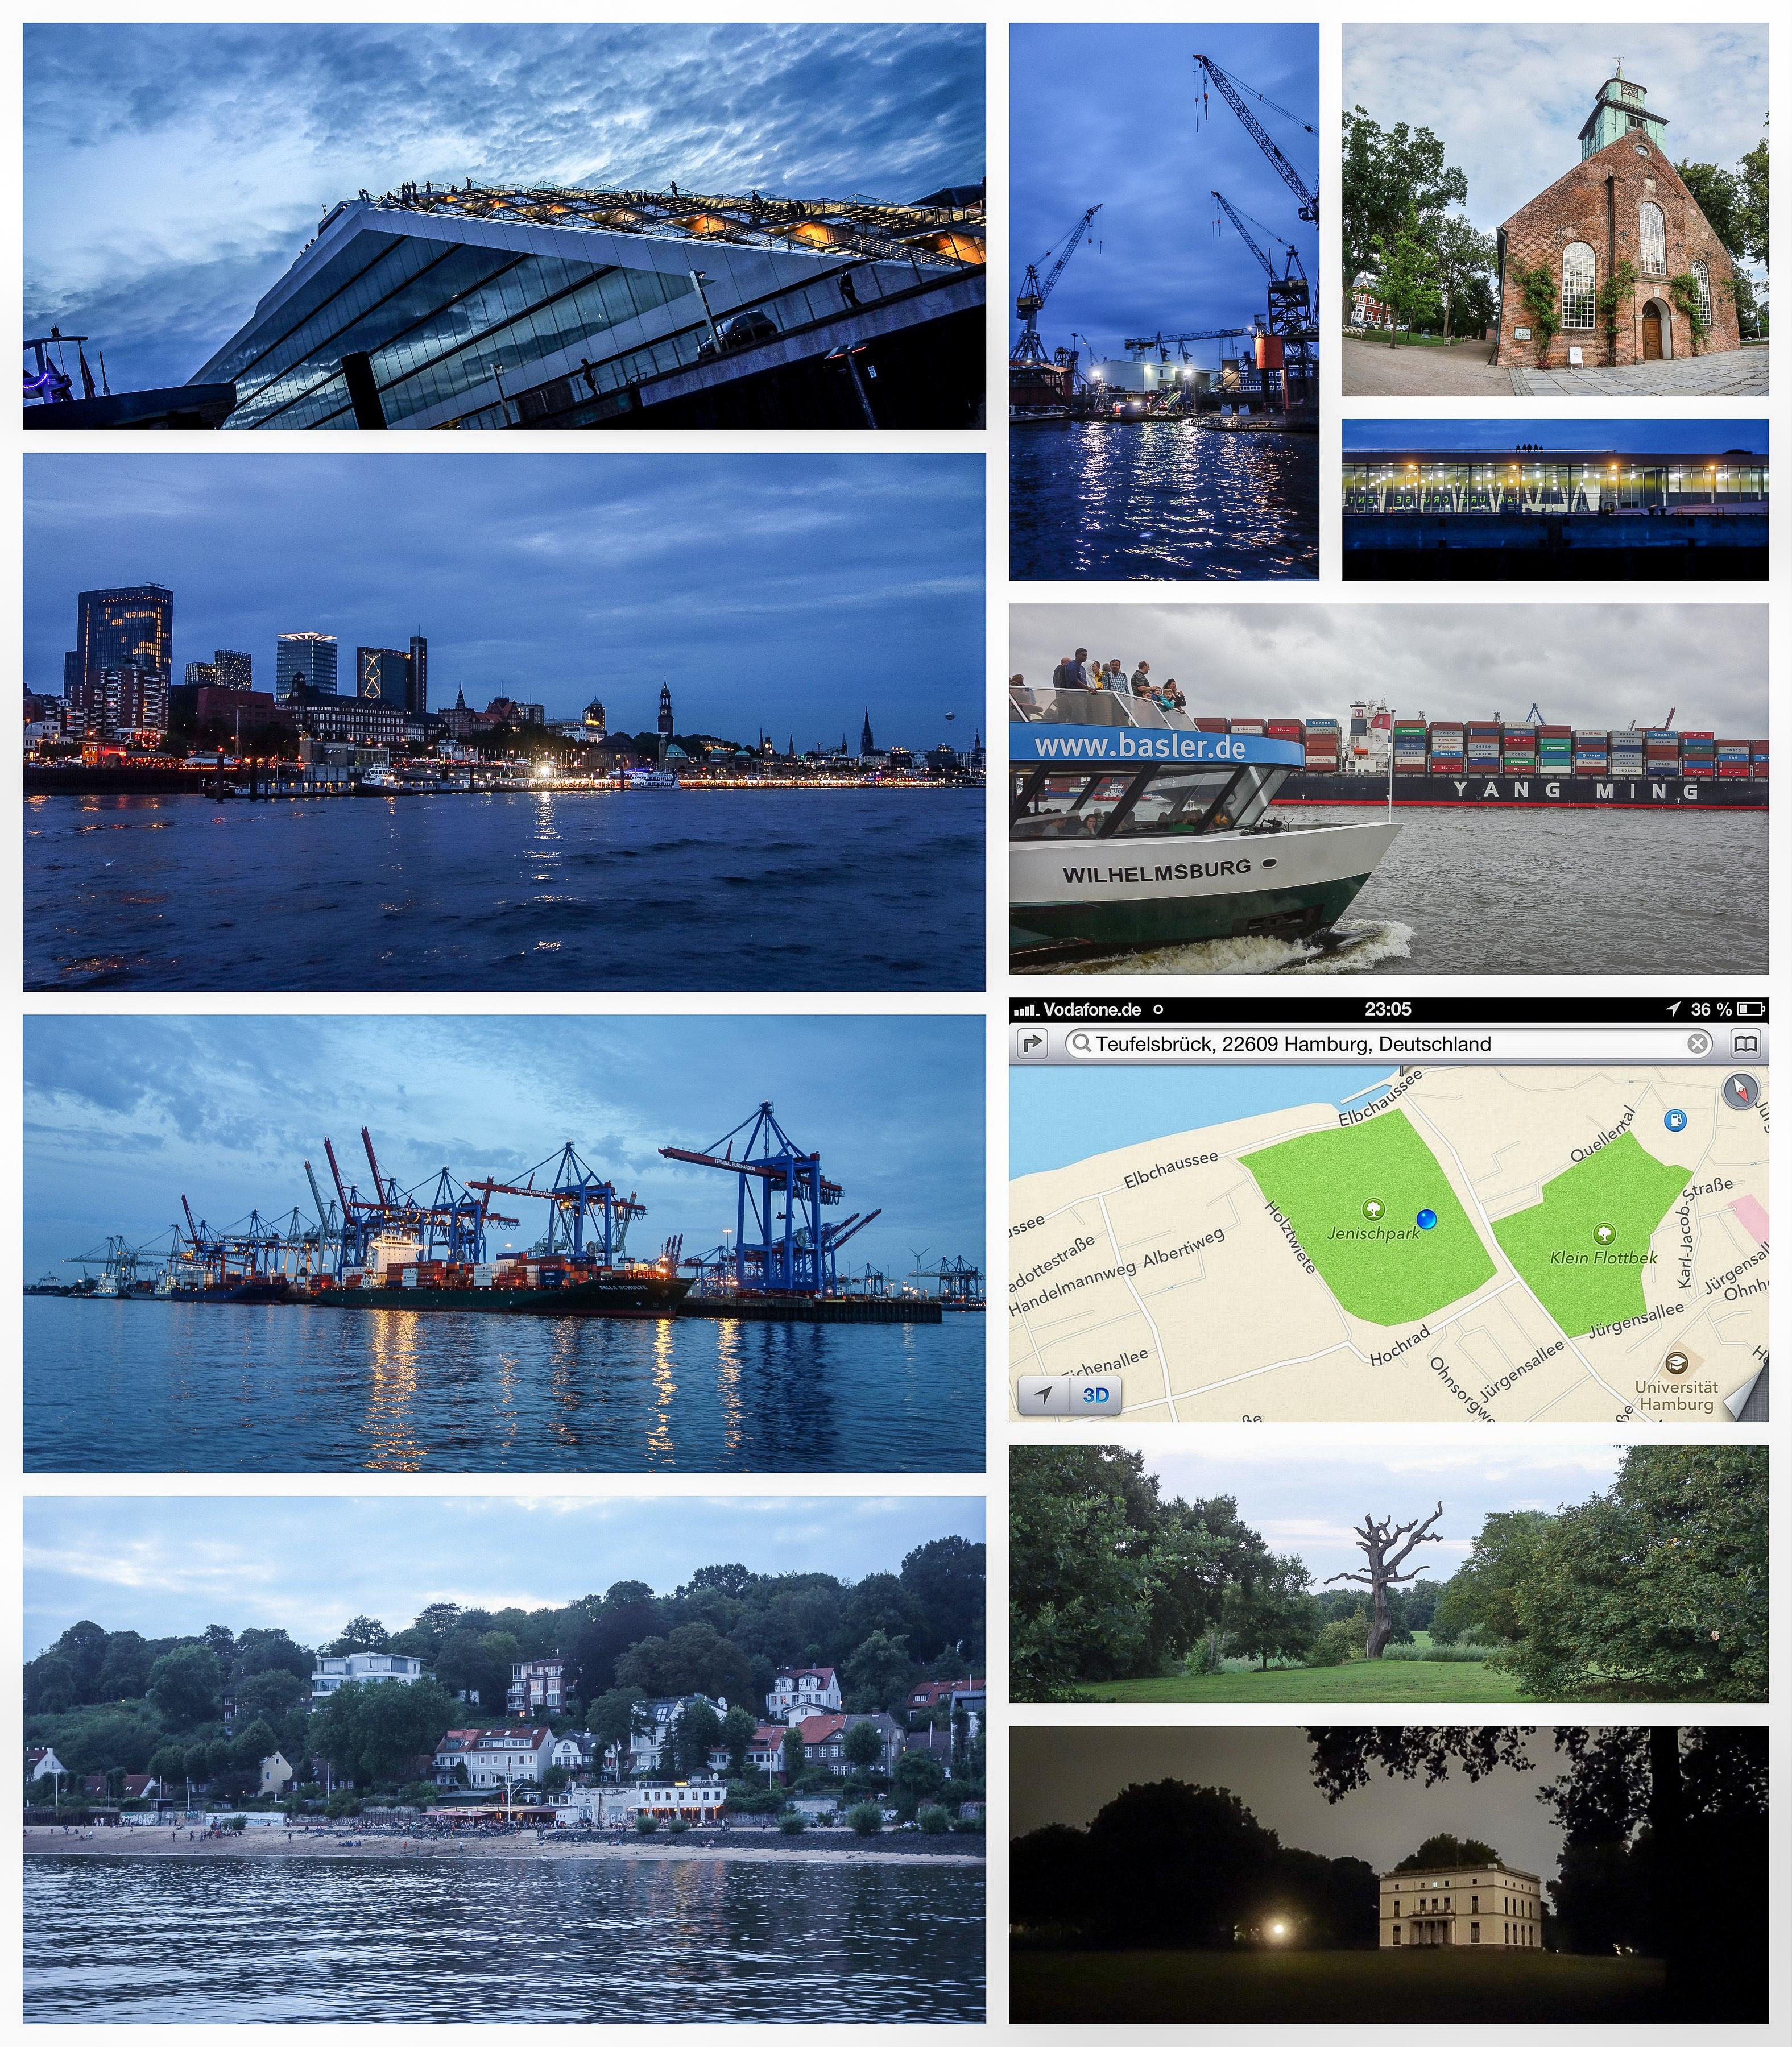 Hamburg Hafen Fähre ÖPNV Botanischer Garten Schiffe Fotos Laufen Strecke Blankenese Kirche Dock Blog Bericht Fotos Halbmarathon Marathon Dahl